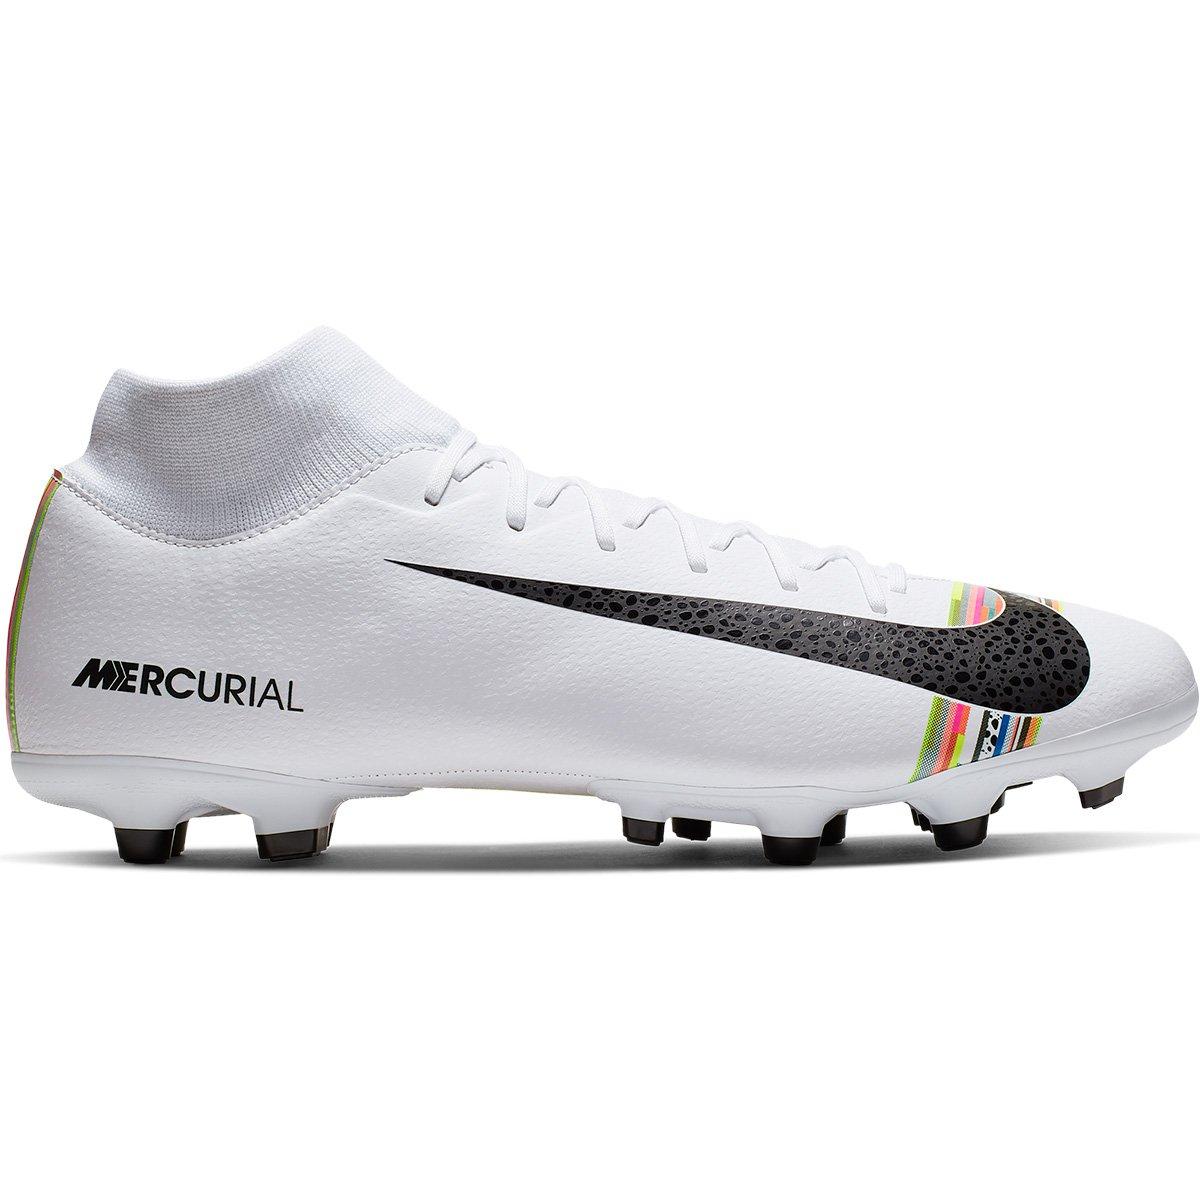 68e3eef5f Chuteira Campo Nike Mercurial Superfly 6 Academy CR7 FG - Branco e Preto |  Loja do Inter